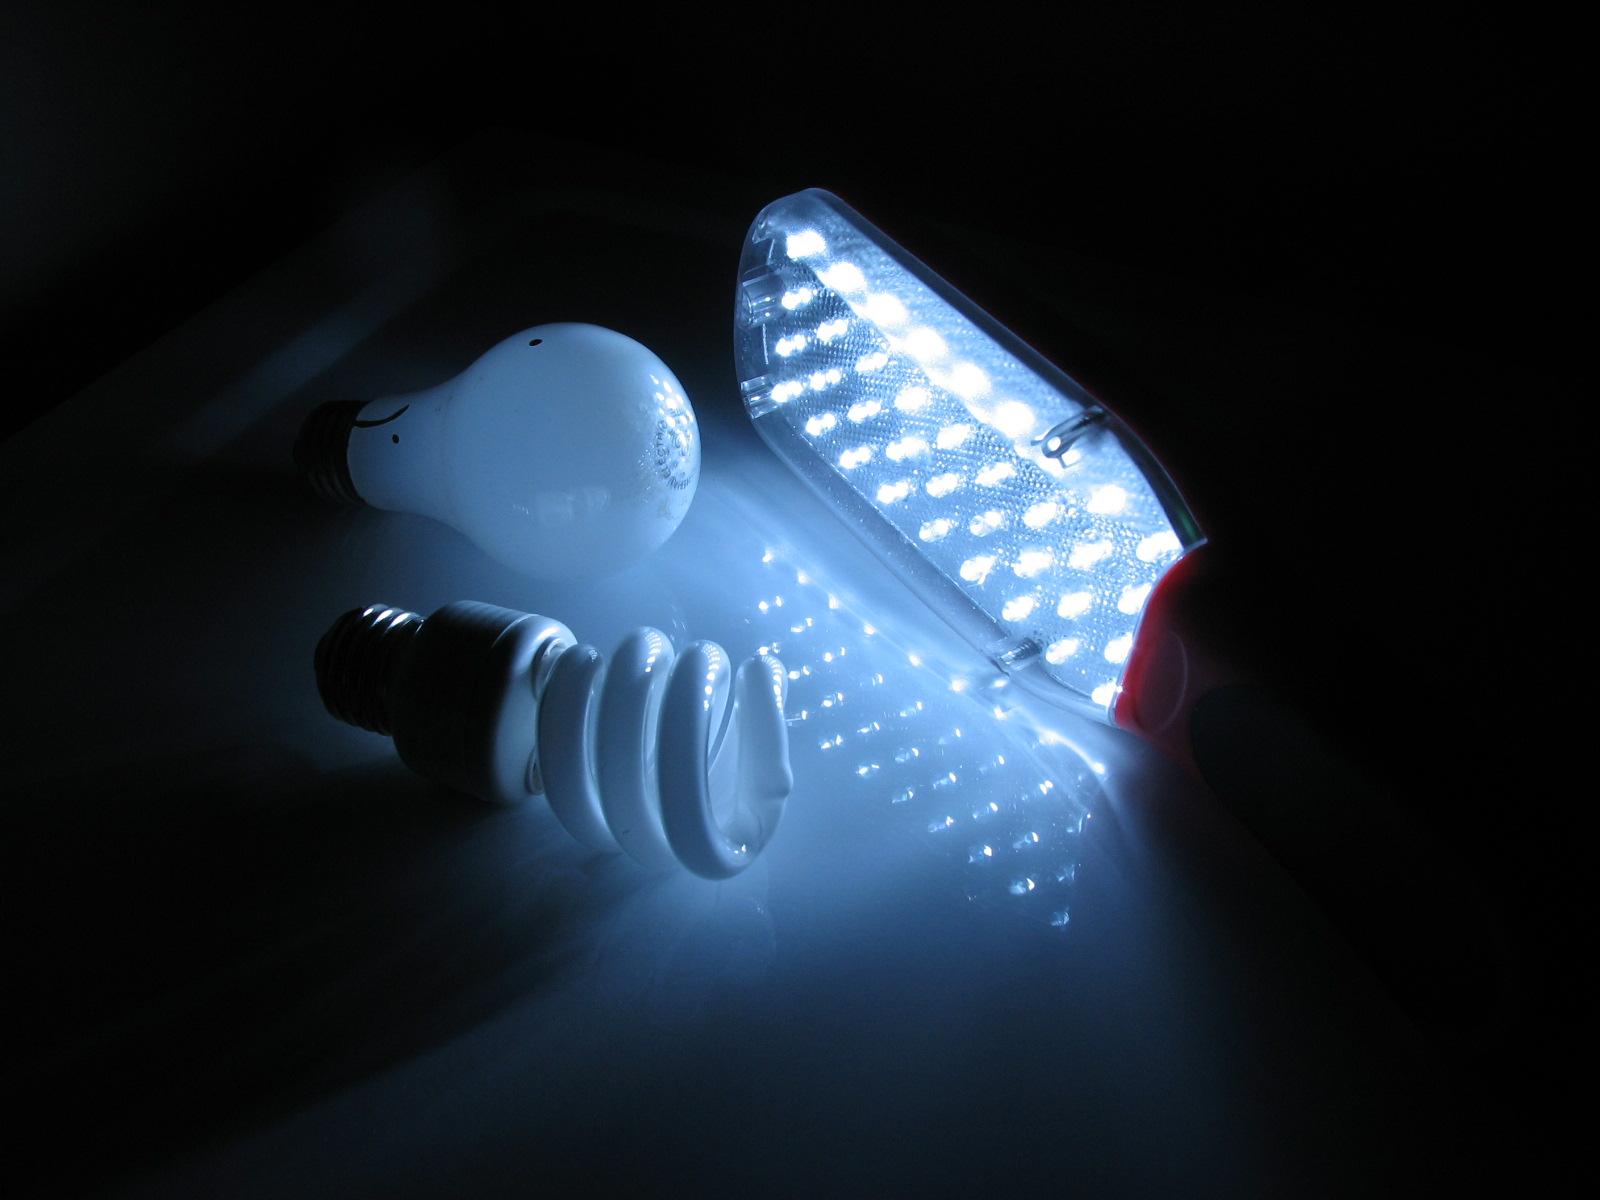 Alternative ways for light during load shedding | Springs